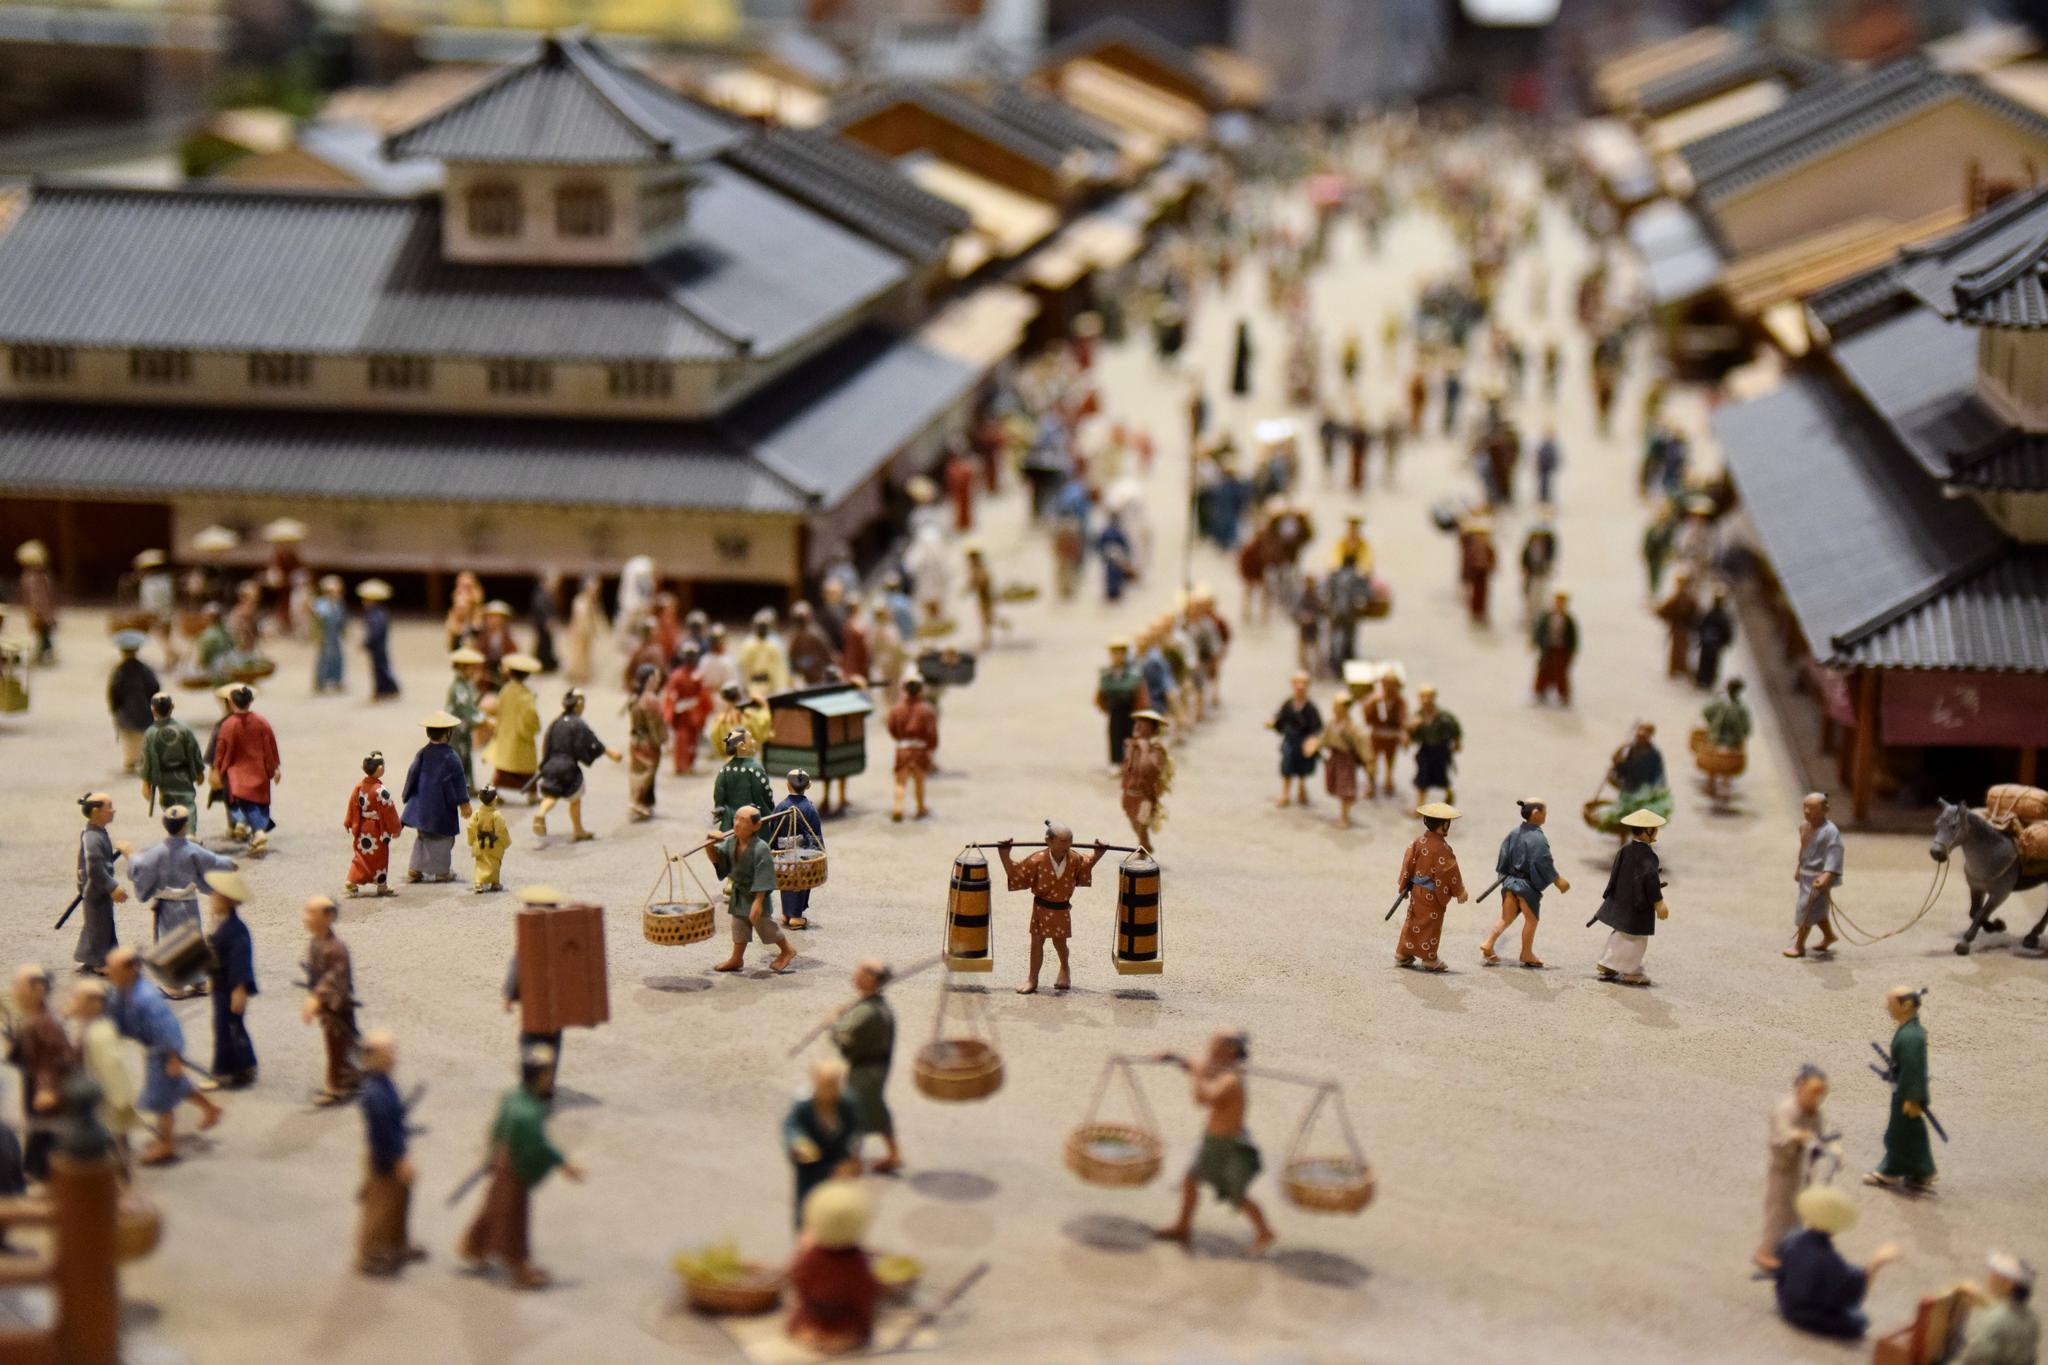 Miniature model at Edo-Tokyo Museum